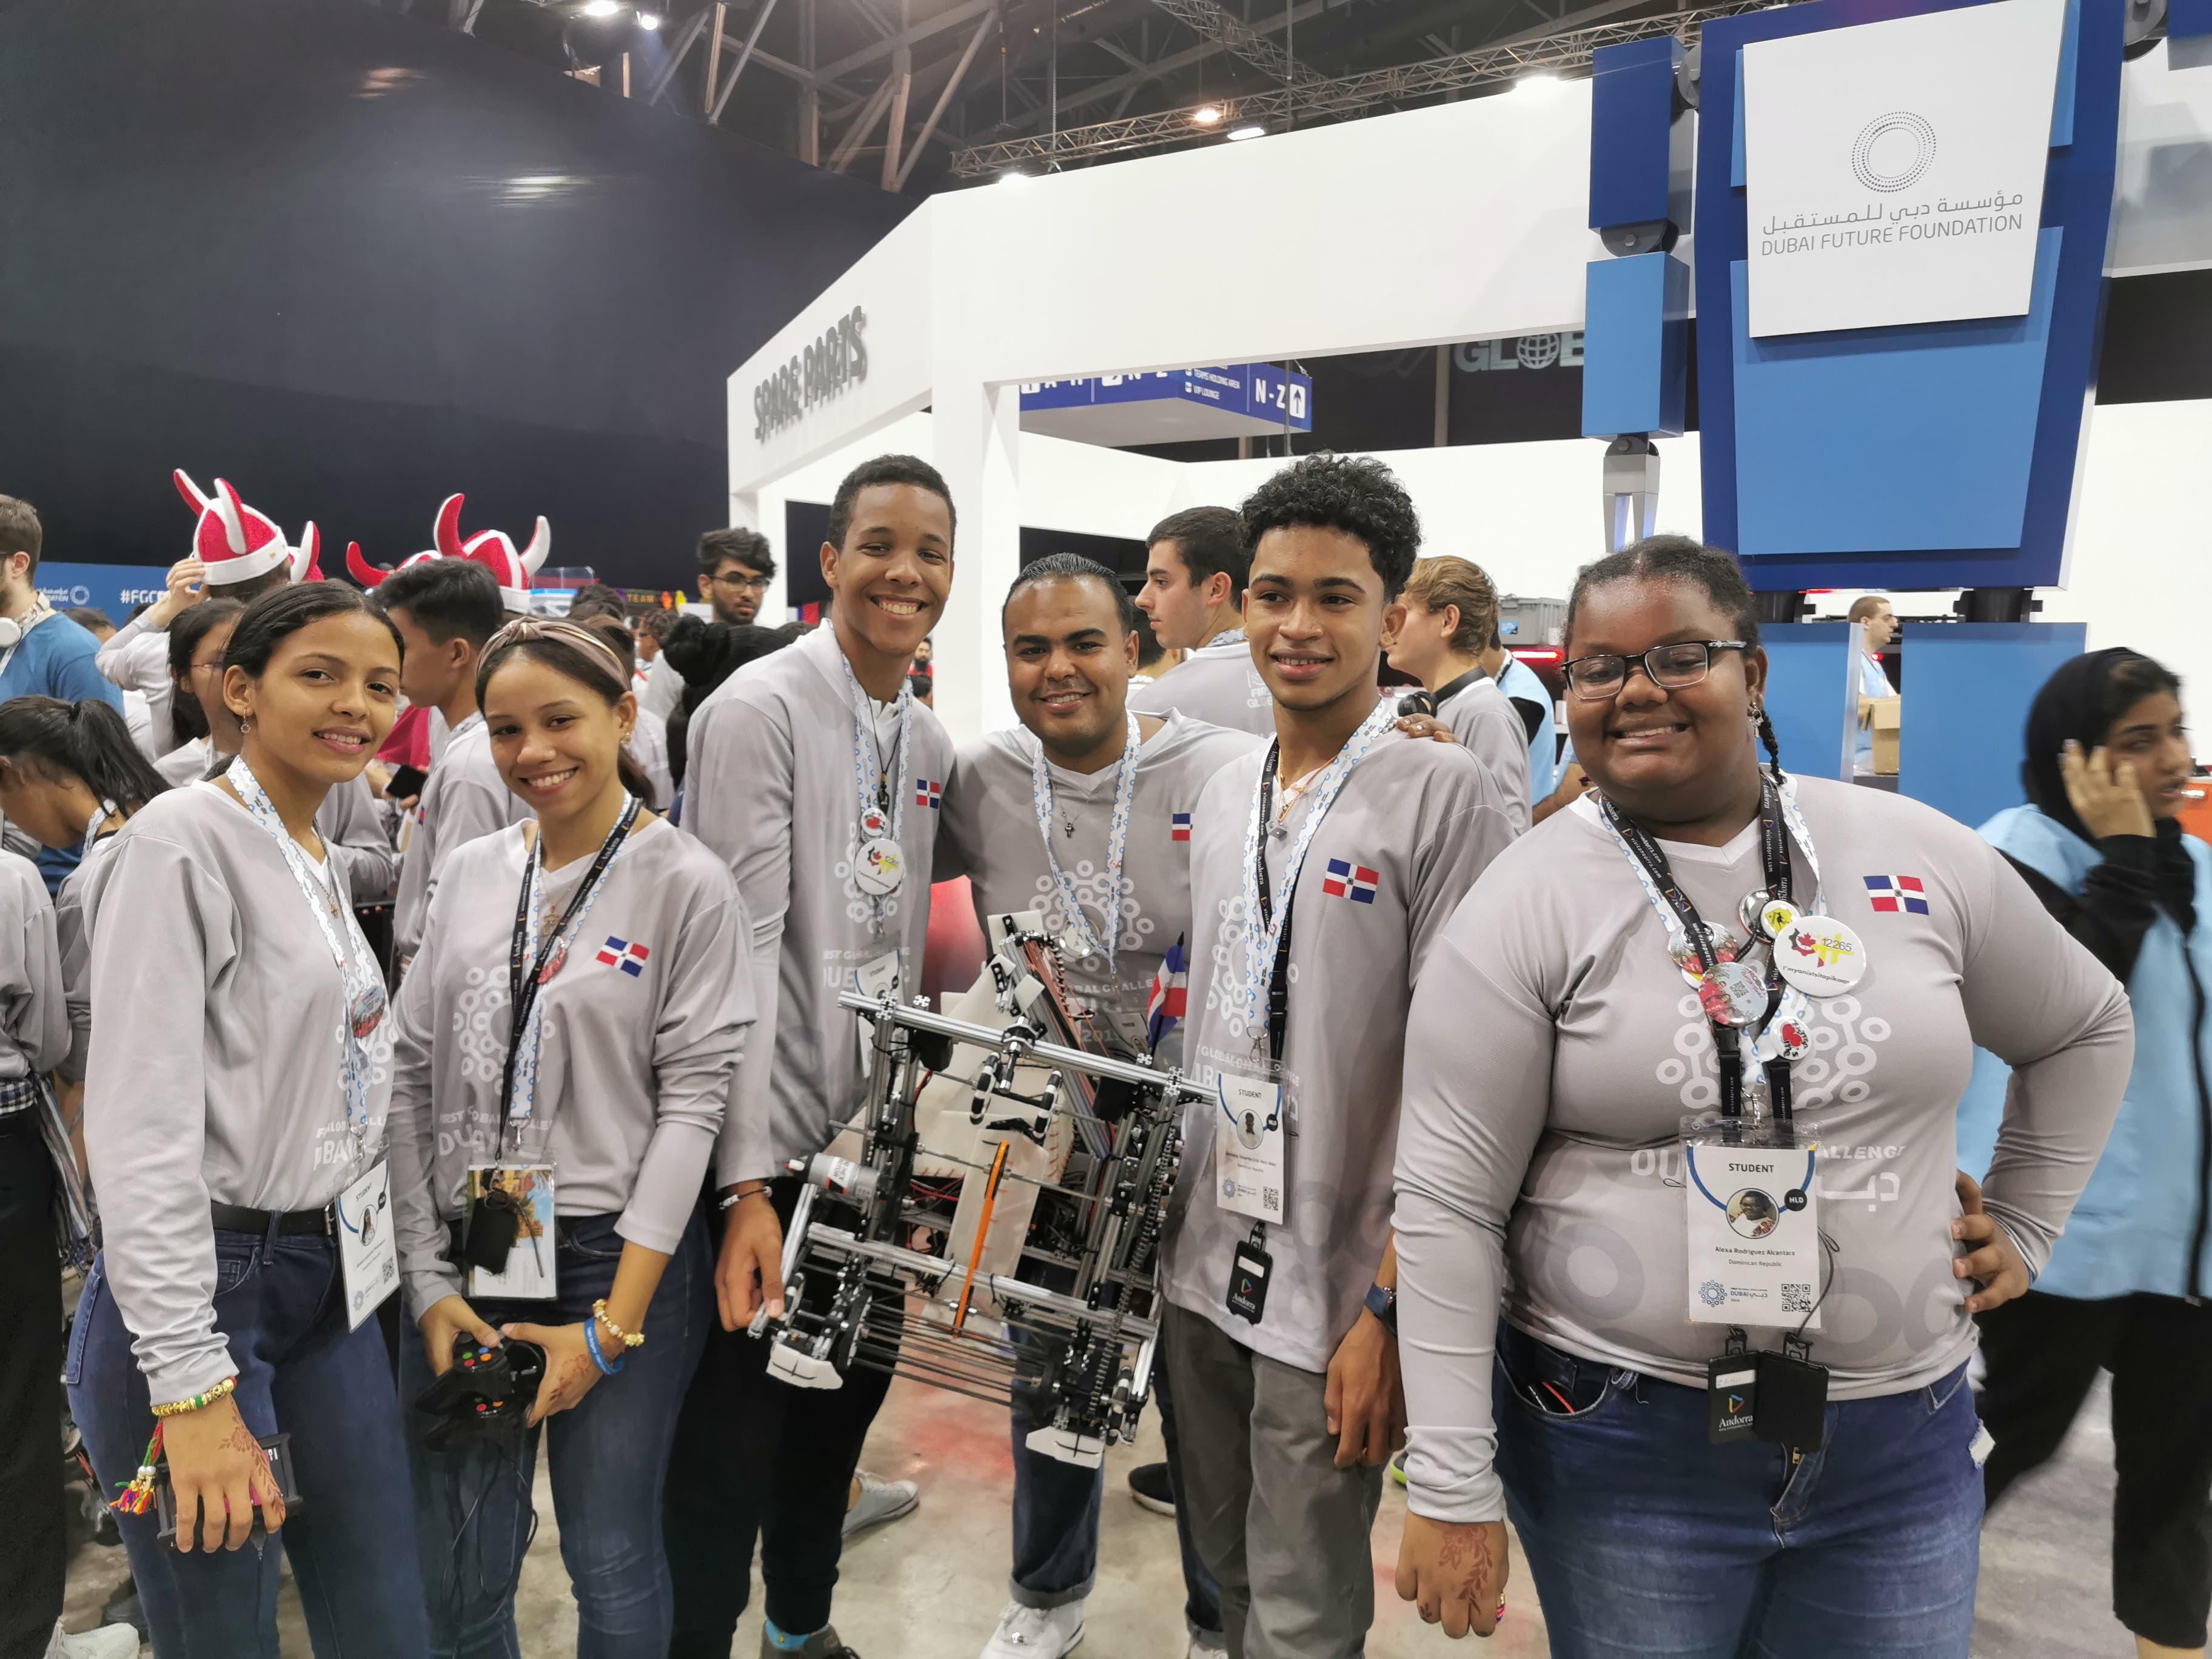 Estudiantes dominicanos ganan medalla de bronce en la Competencia Mundial de Robótica 2019